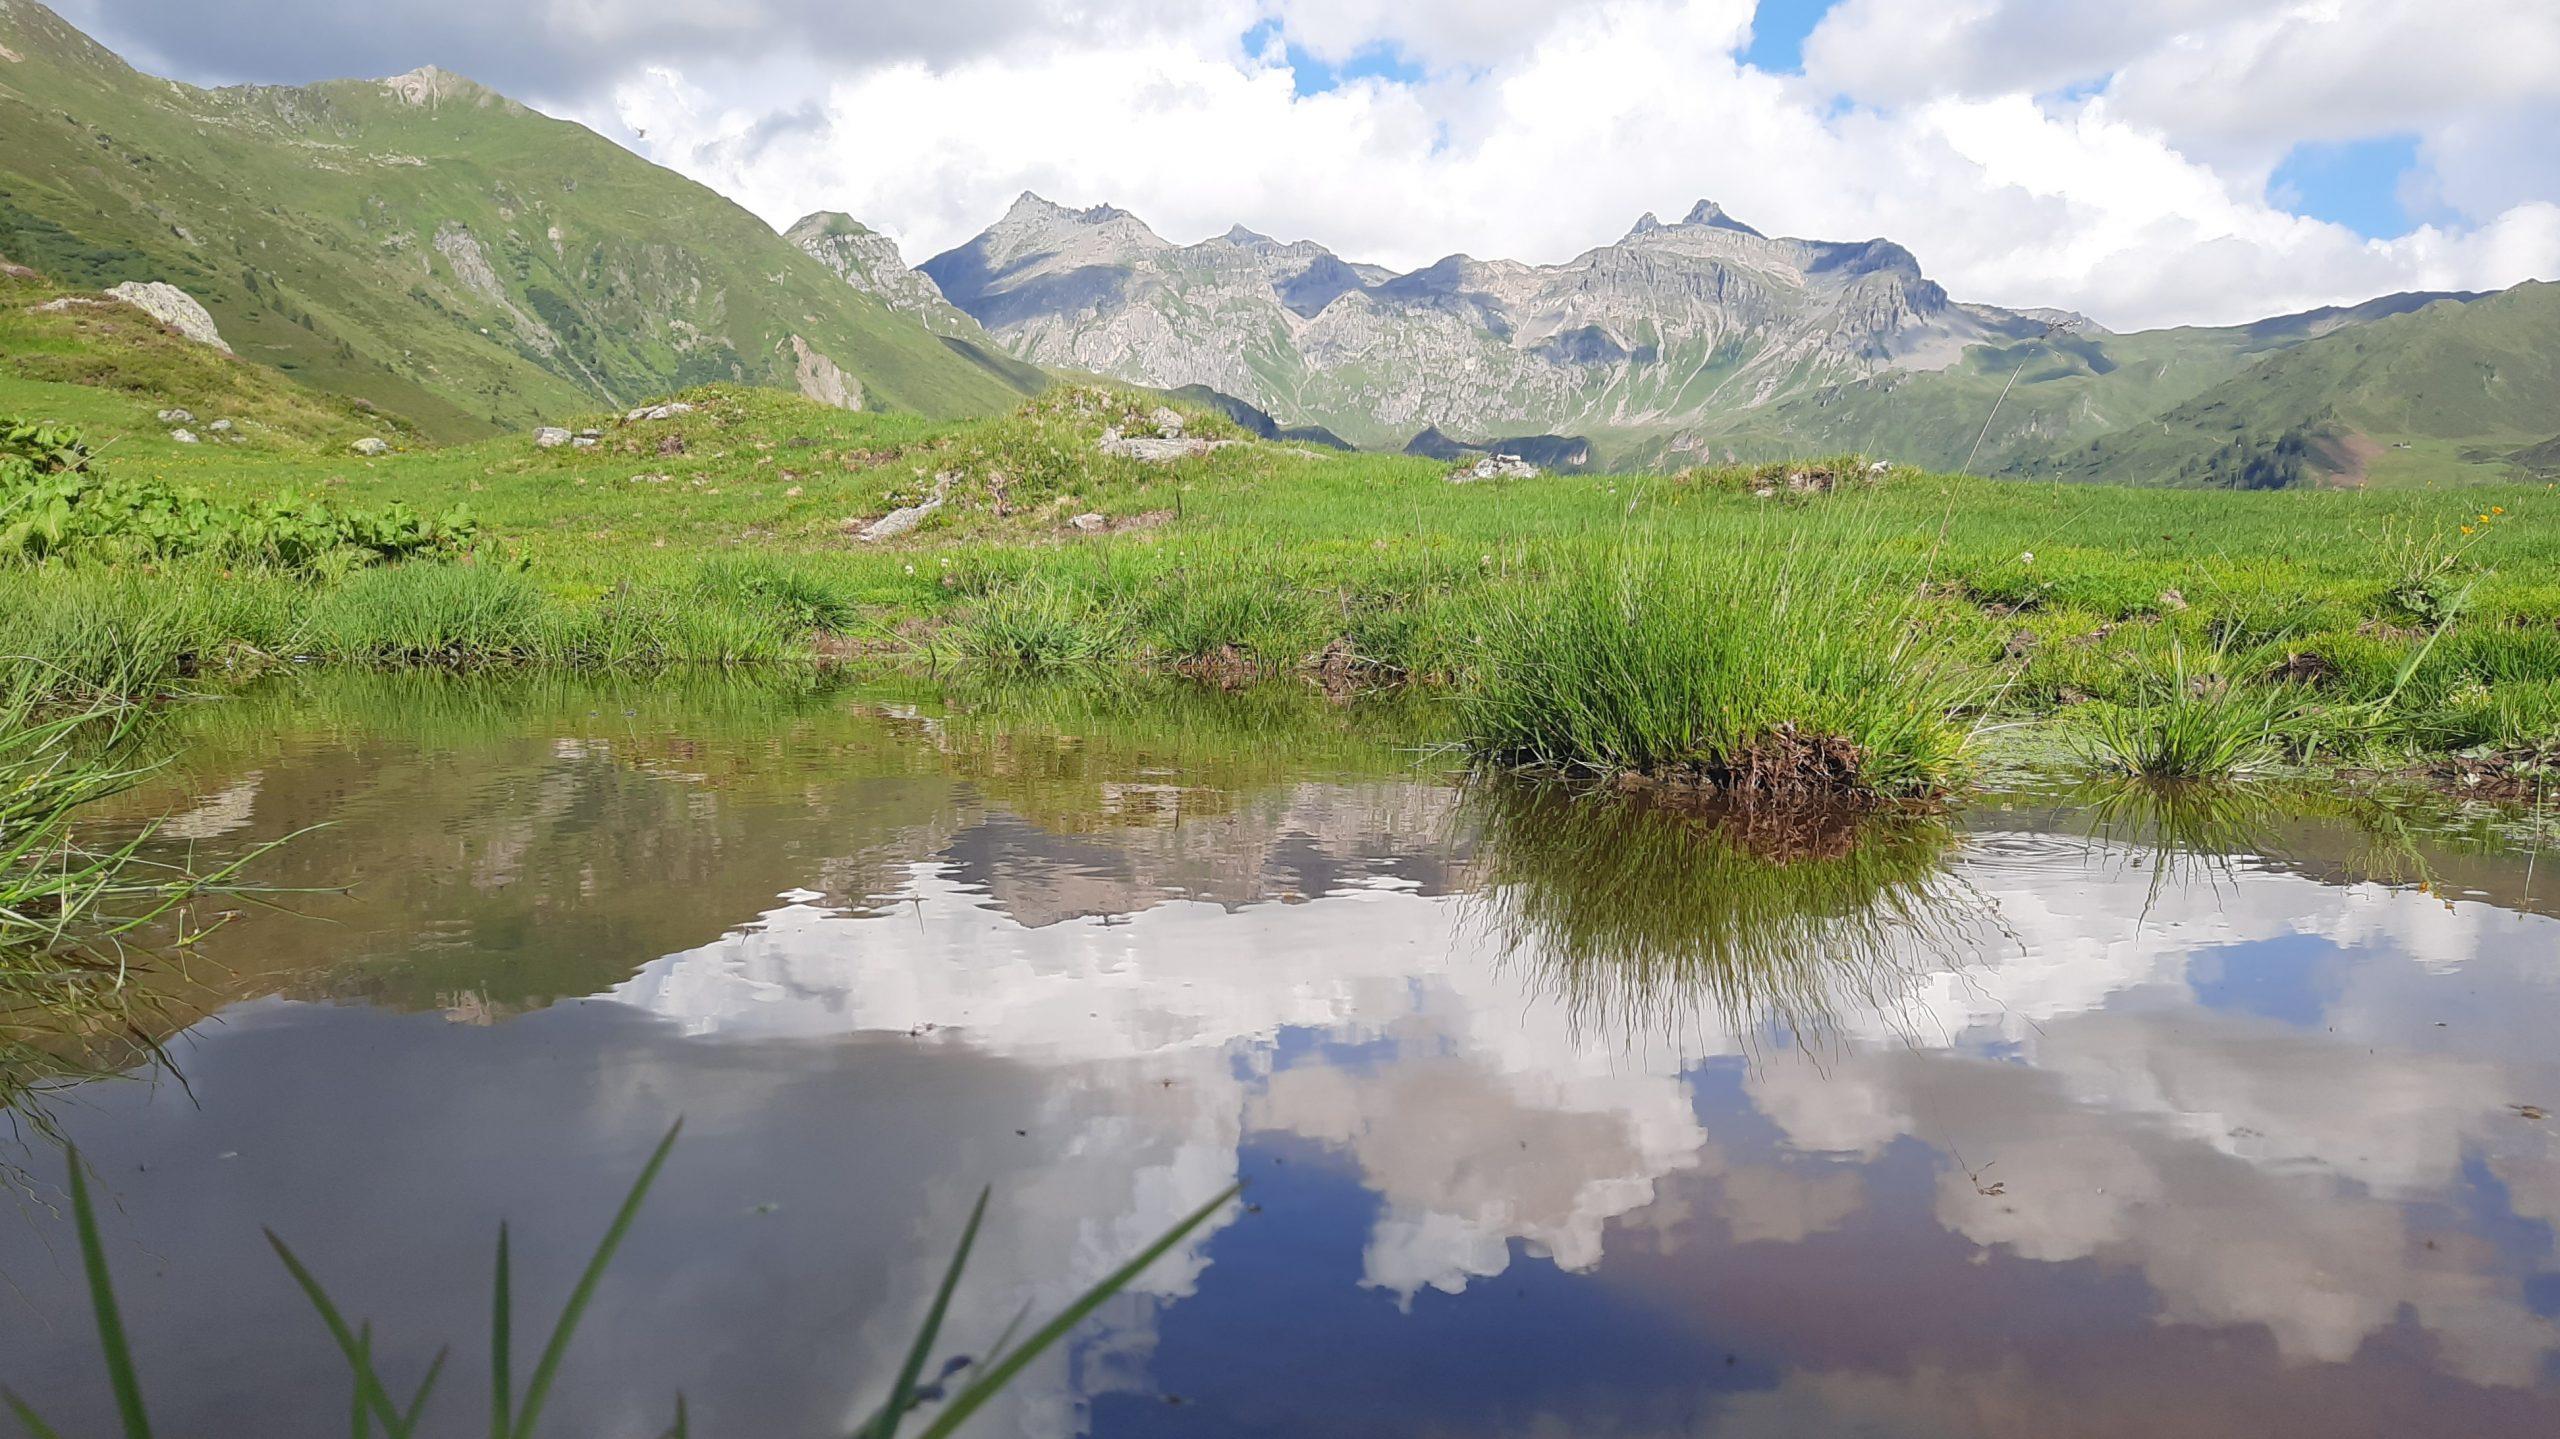 02 – Der zweite Teil meiner Alpen Weitwanderung.